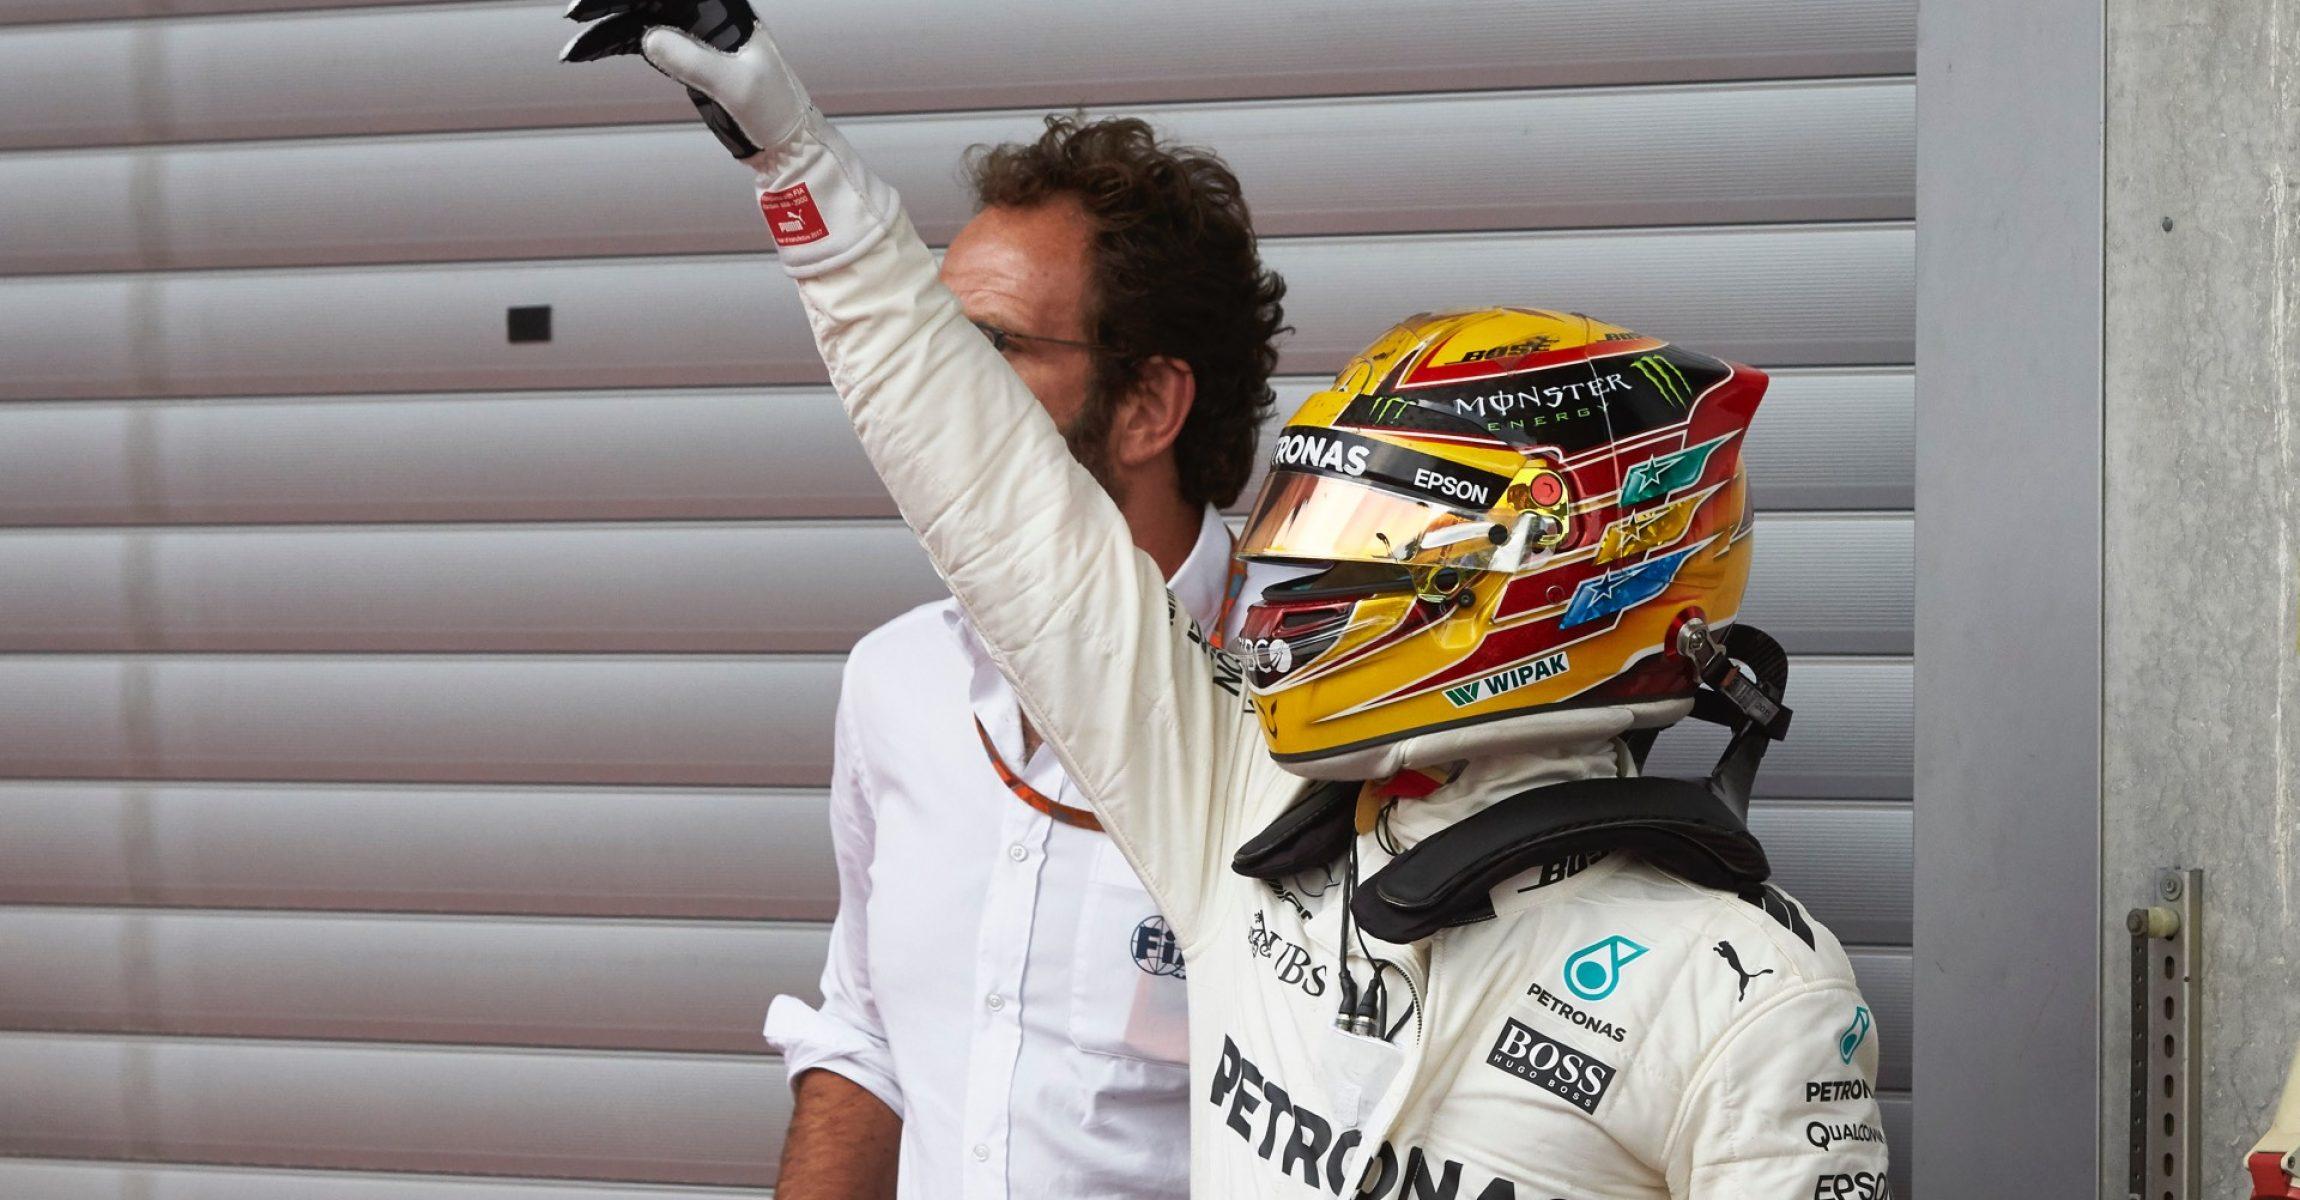 2017 Belgian Grand Prix, Sunday - Steve Etherington